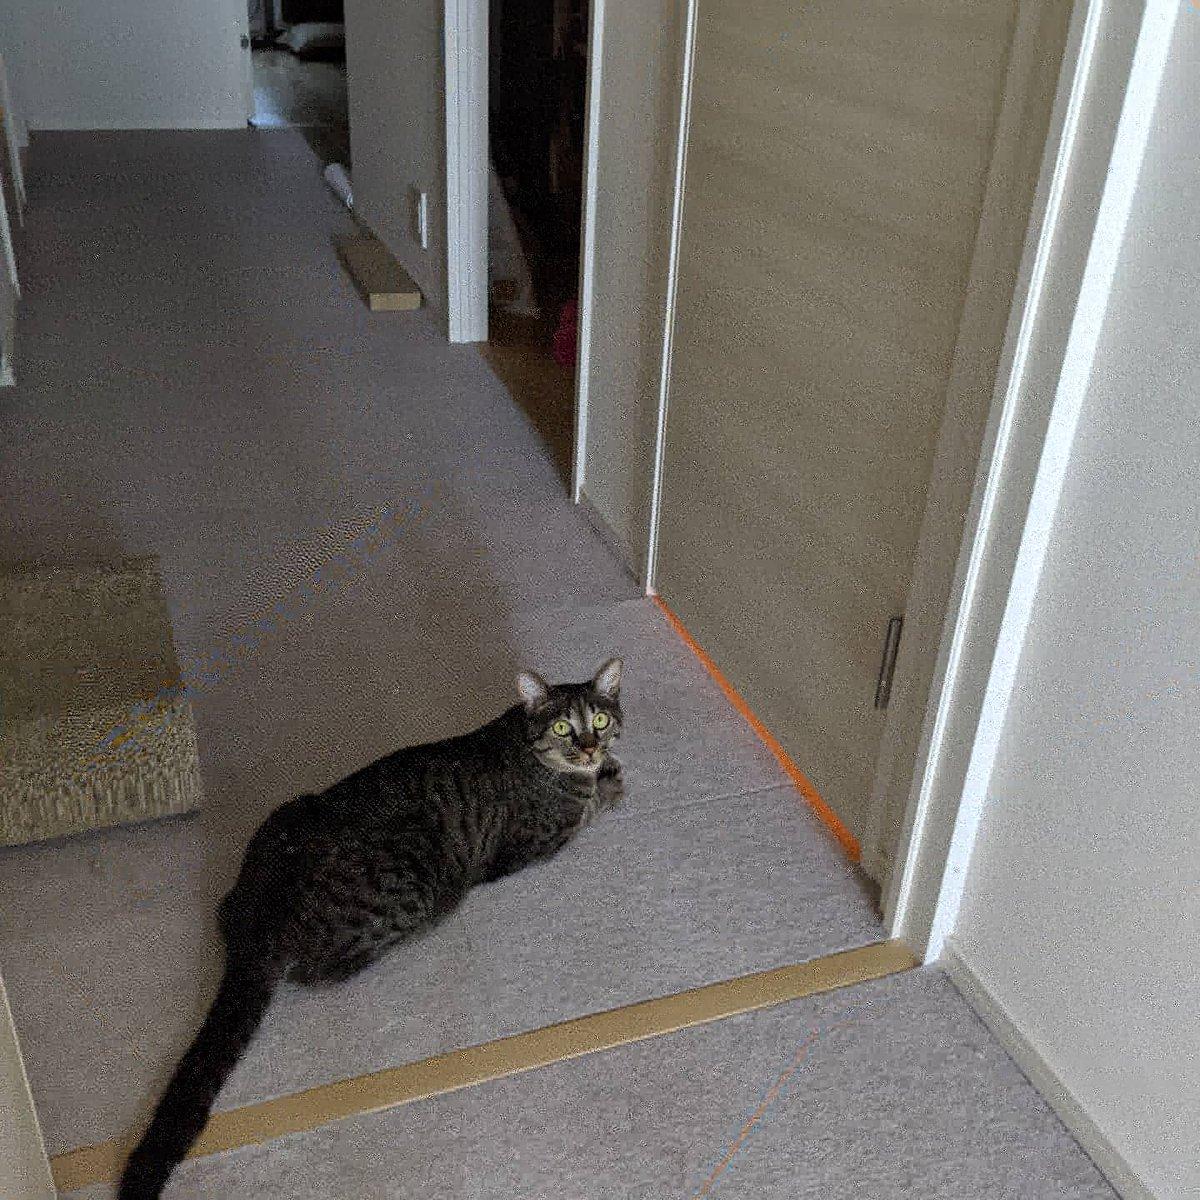 飼い主のトイレ出待ち🤣  #保護猫 #キジトラ #猫好きさんと繫がりたい #猫がいる生活 #ねこすたぐらむ #猫バカ #猫 #cat #ツナマヨ #出待ち https://t.co/gJAPT0HhUF